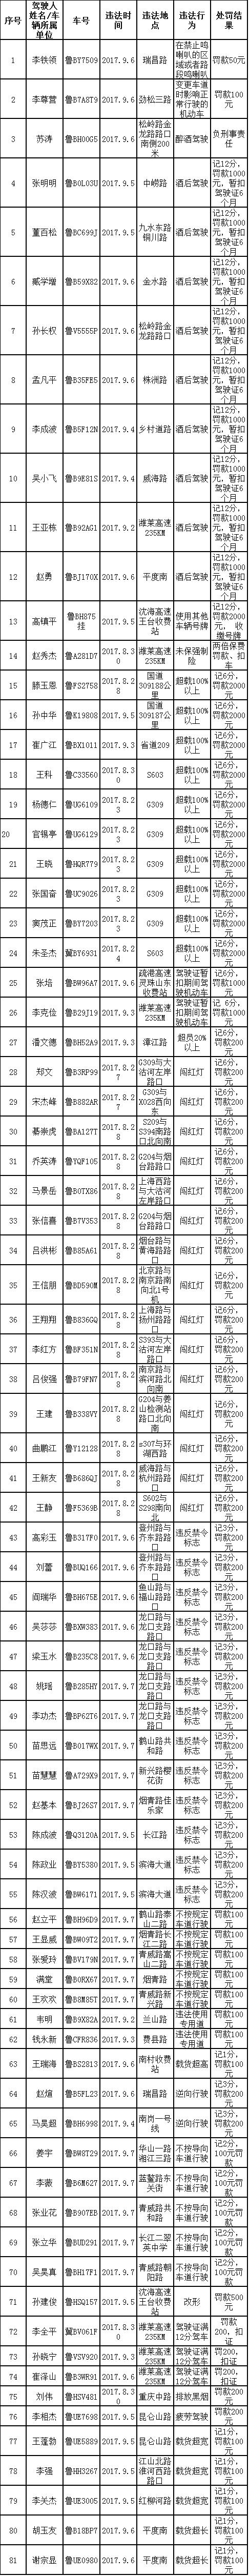 """81名司机被曝光 酒驾男子扬言""""弄死交警"""""""